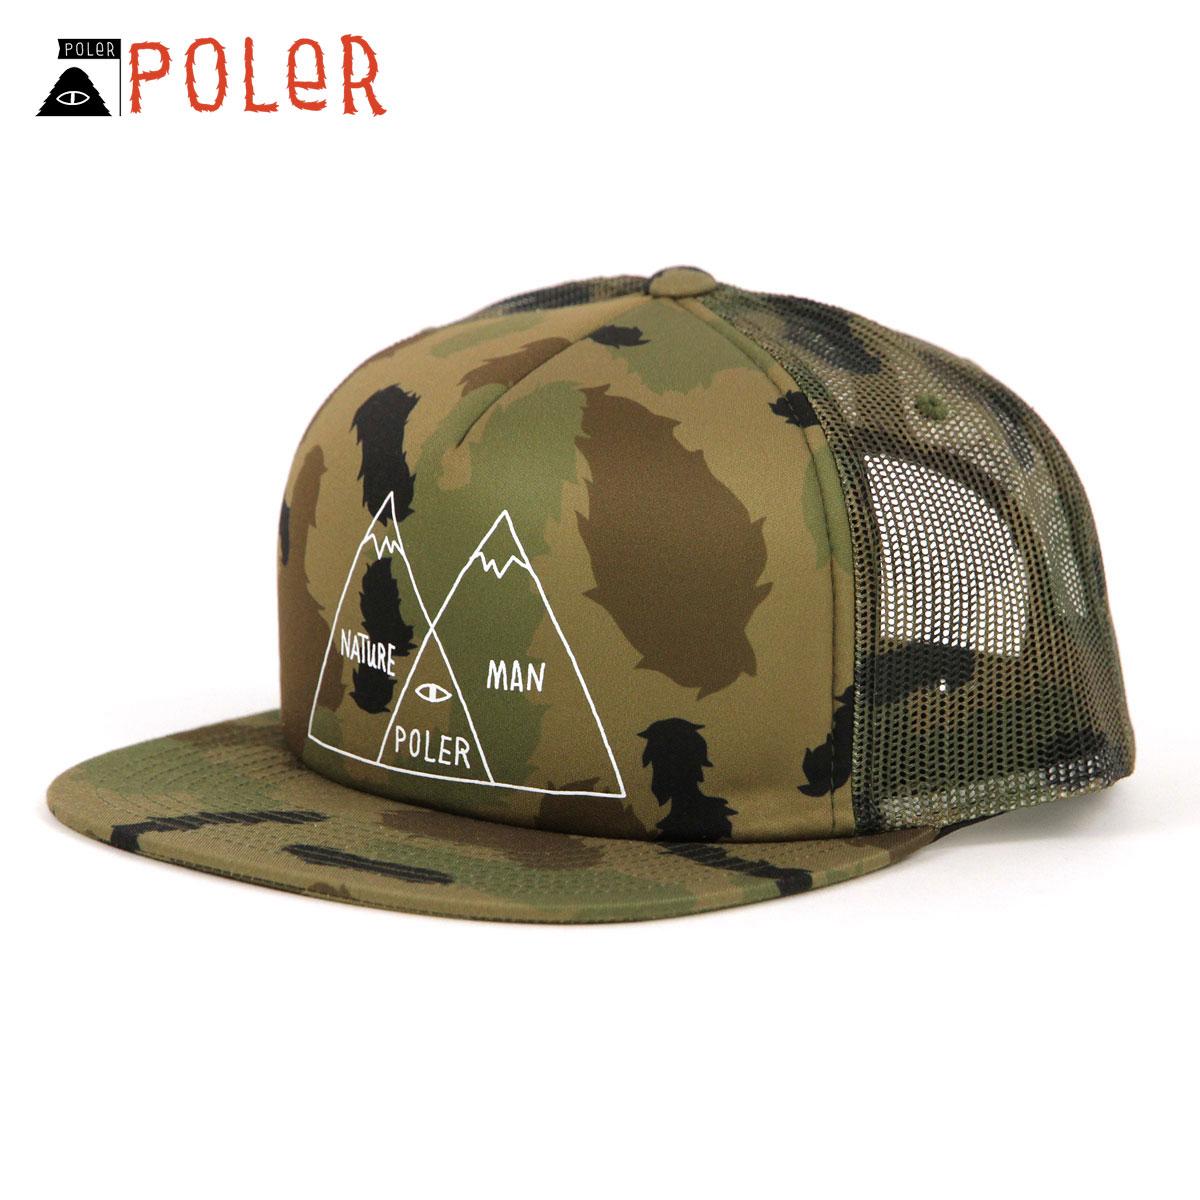 ポーラー POLER 正規販売店 キャップ 帽子 VENN TRUCKER HAT 31750004-OCO OLIVE FURRY CAMO